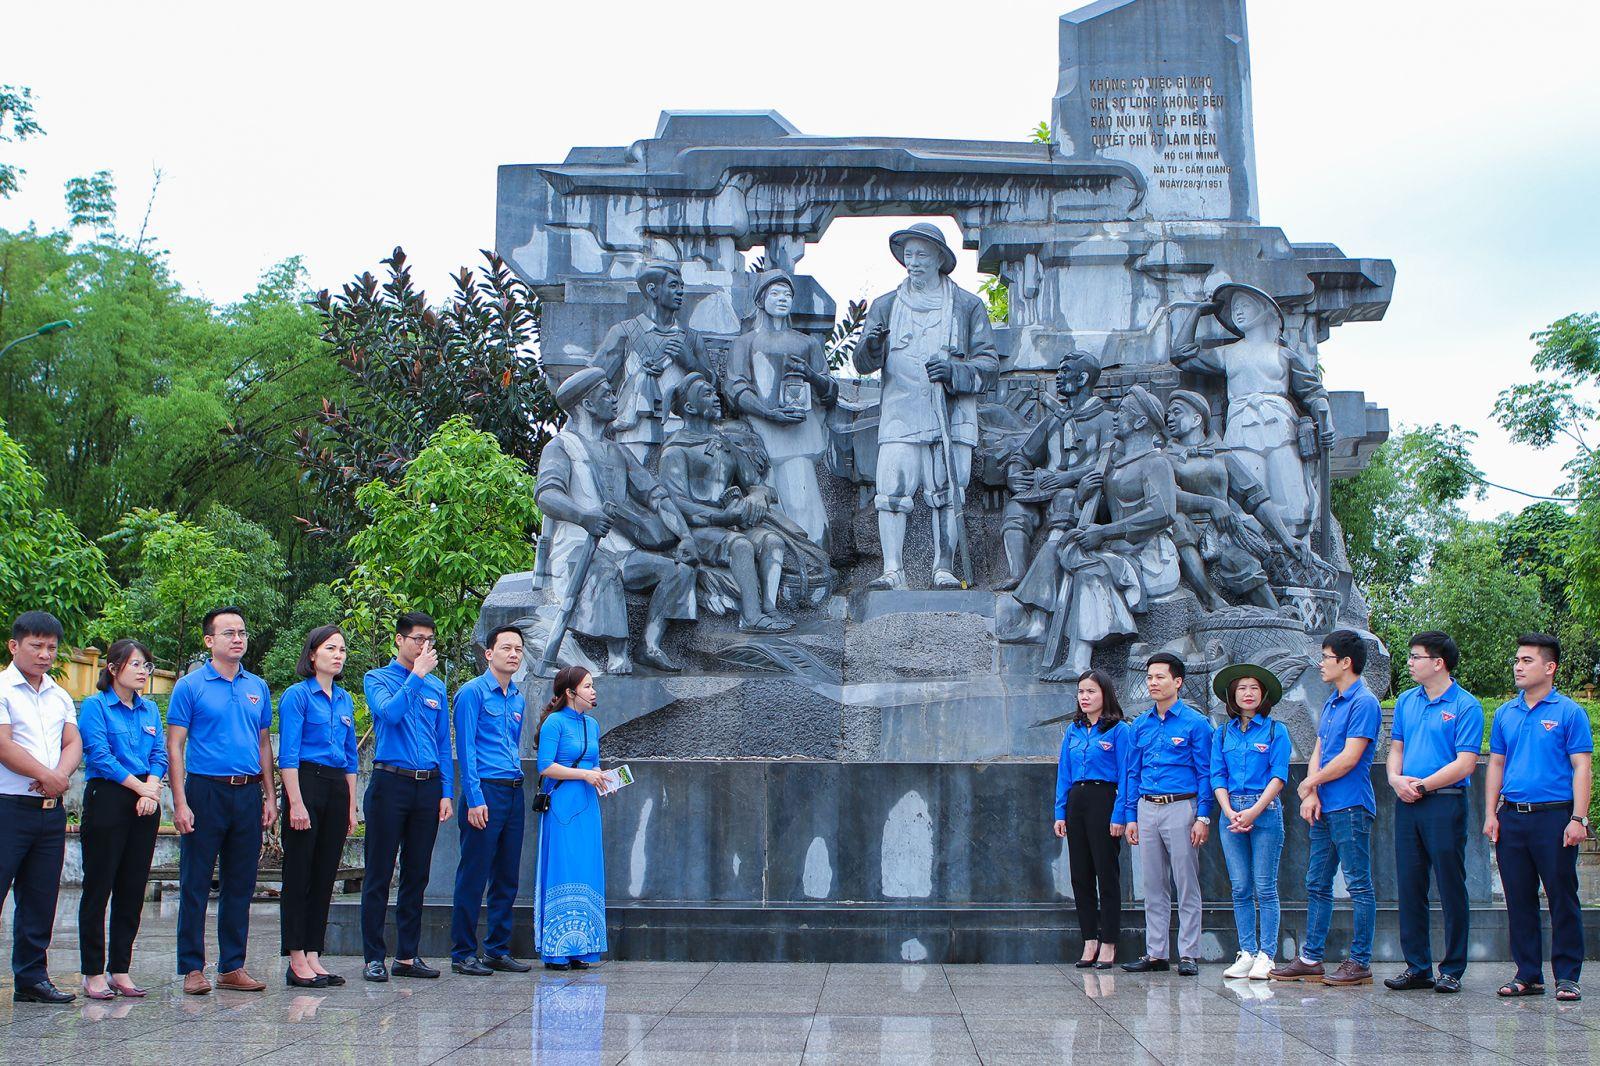 Tỉnh đoàn Hưng Yên khánh thành công trình thanh niên cấp tỉnh  và thăm địa chỉ đỏ tại tỉnh Bắc Kạn